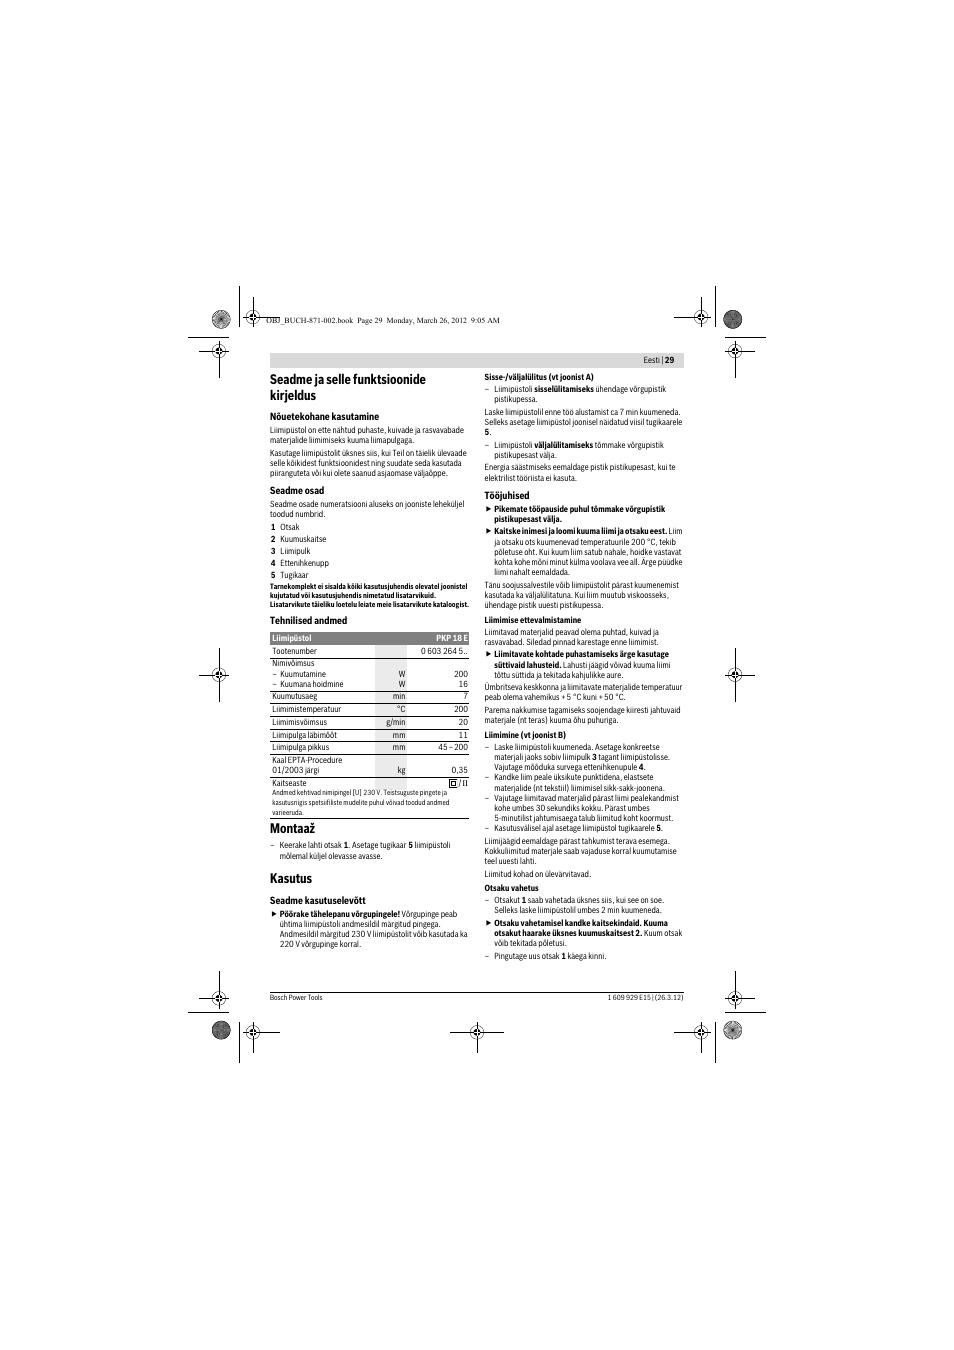 c8005fd6cdd Seadme ja selle funktsioonide kirjeldus, Montaaž, Kasutus | Инструкция по  эксплуатации Bosch PKP 18 E | Страница 29 / 35